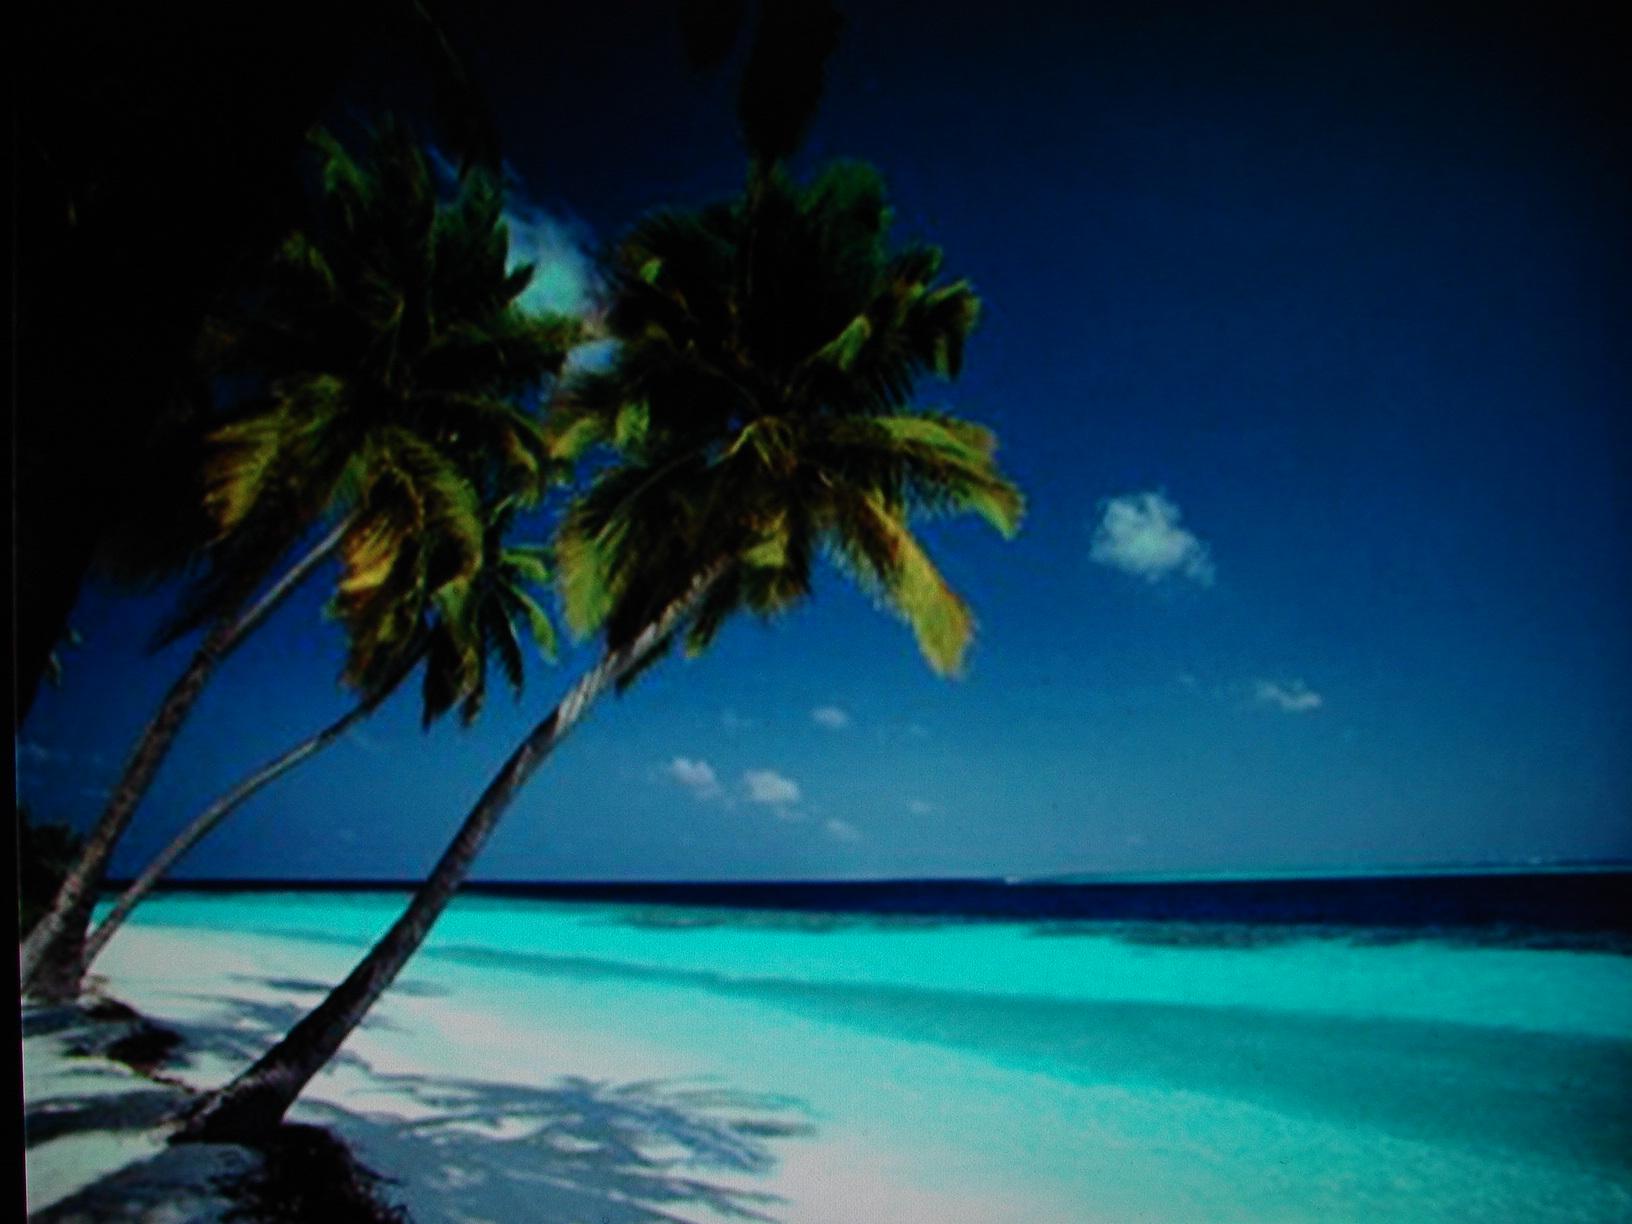 Caribbean Beach Wallpaper Desktop Backgrounds for HD Wallpaper 1632x1224